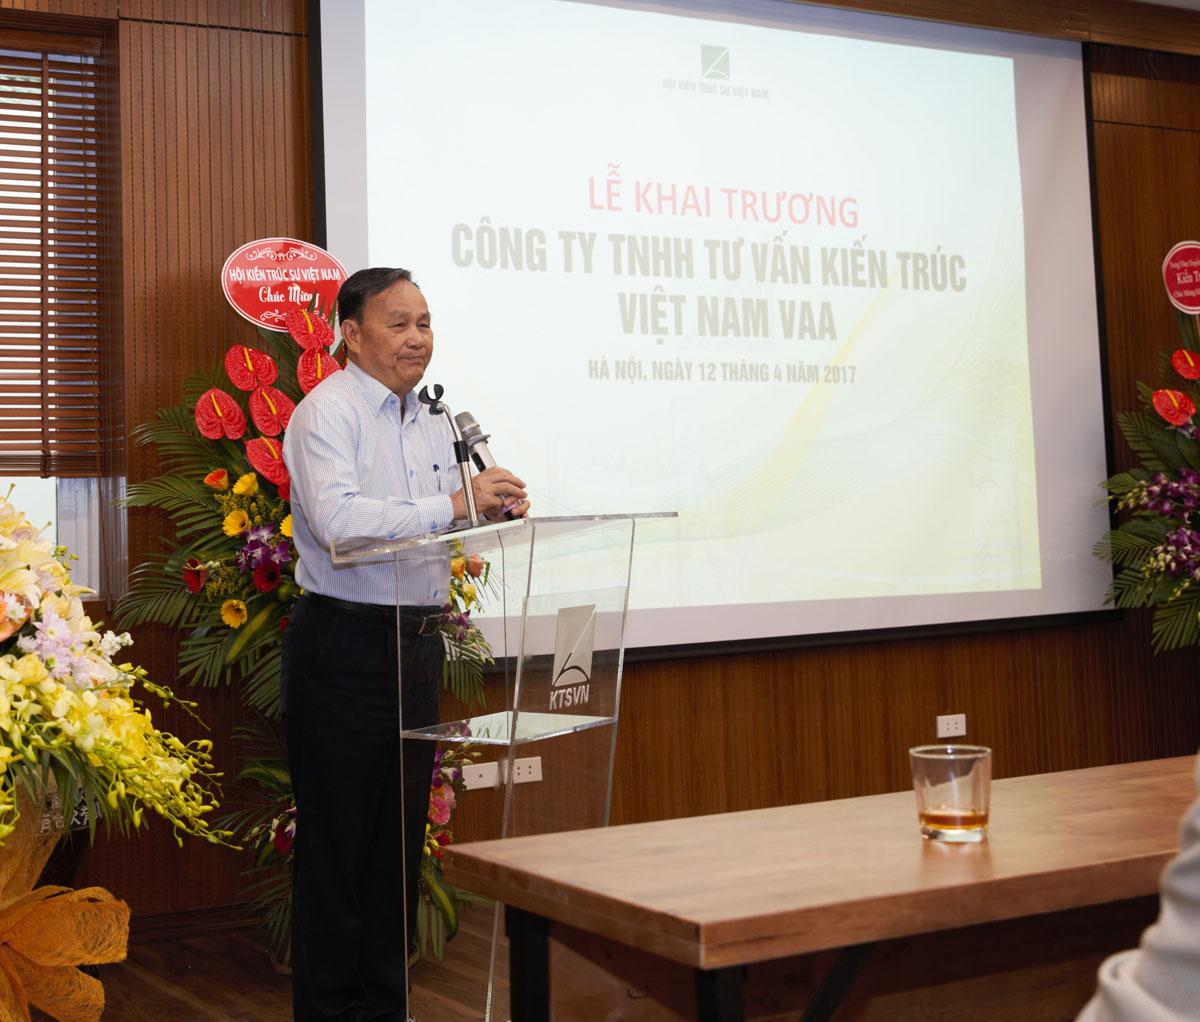 Chủ tịch Hội KTSVN – KTS. Nguyễn Tấn Vạn phát biểu